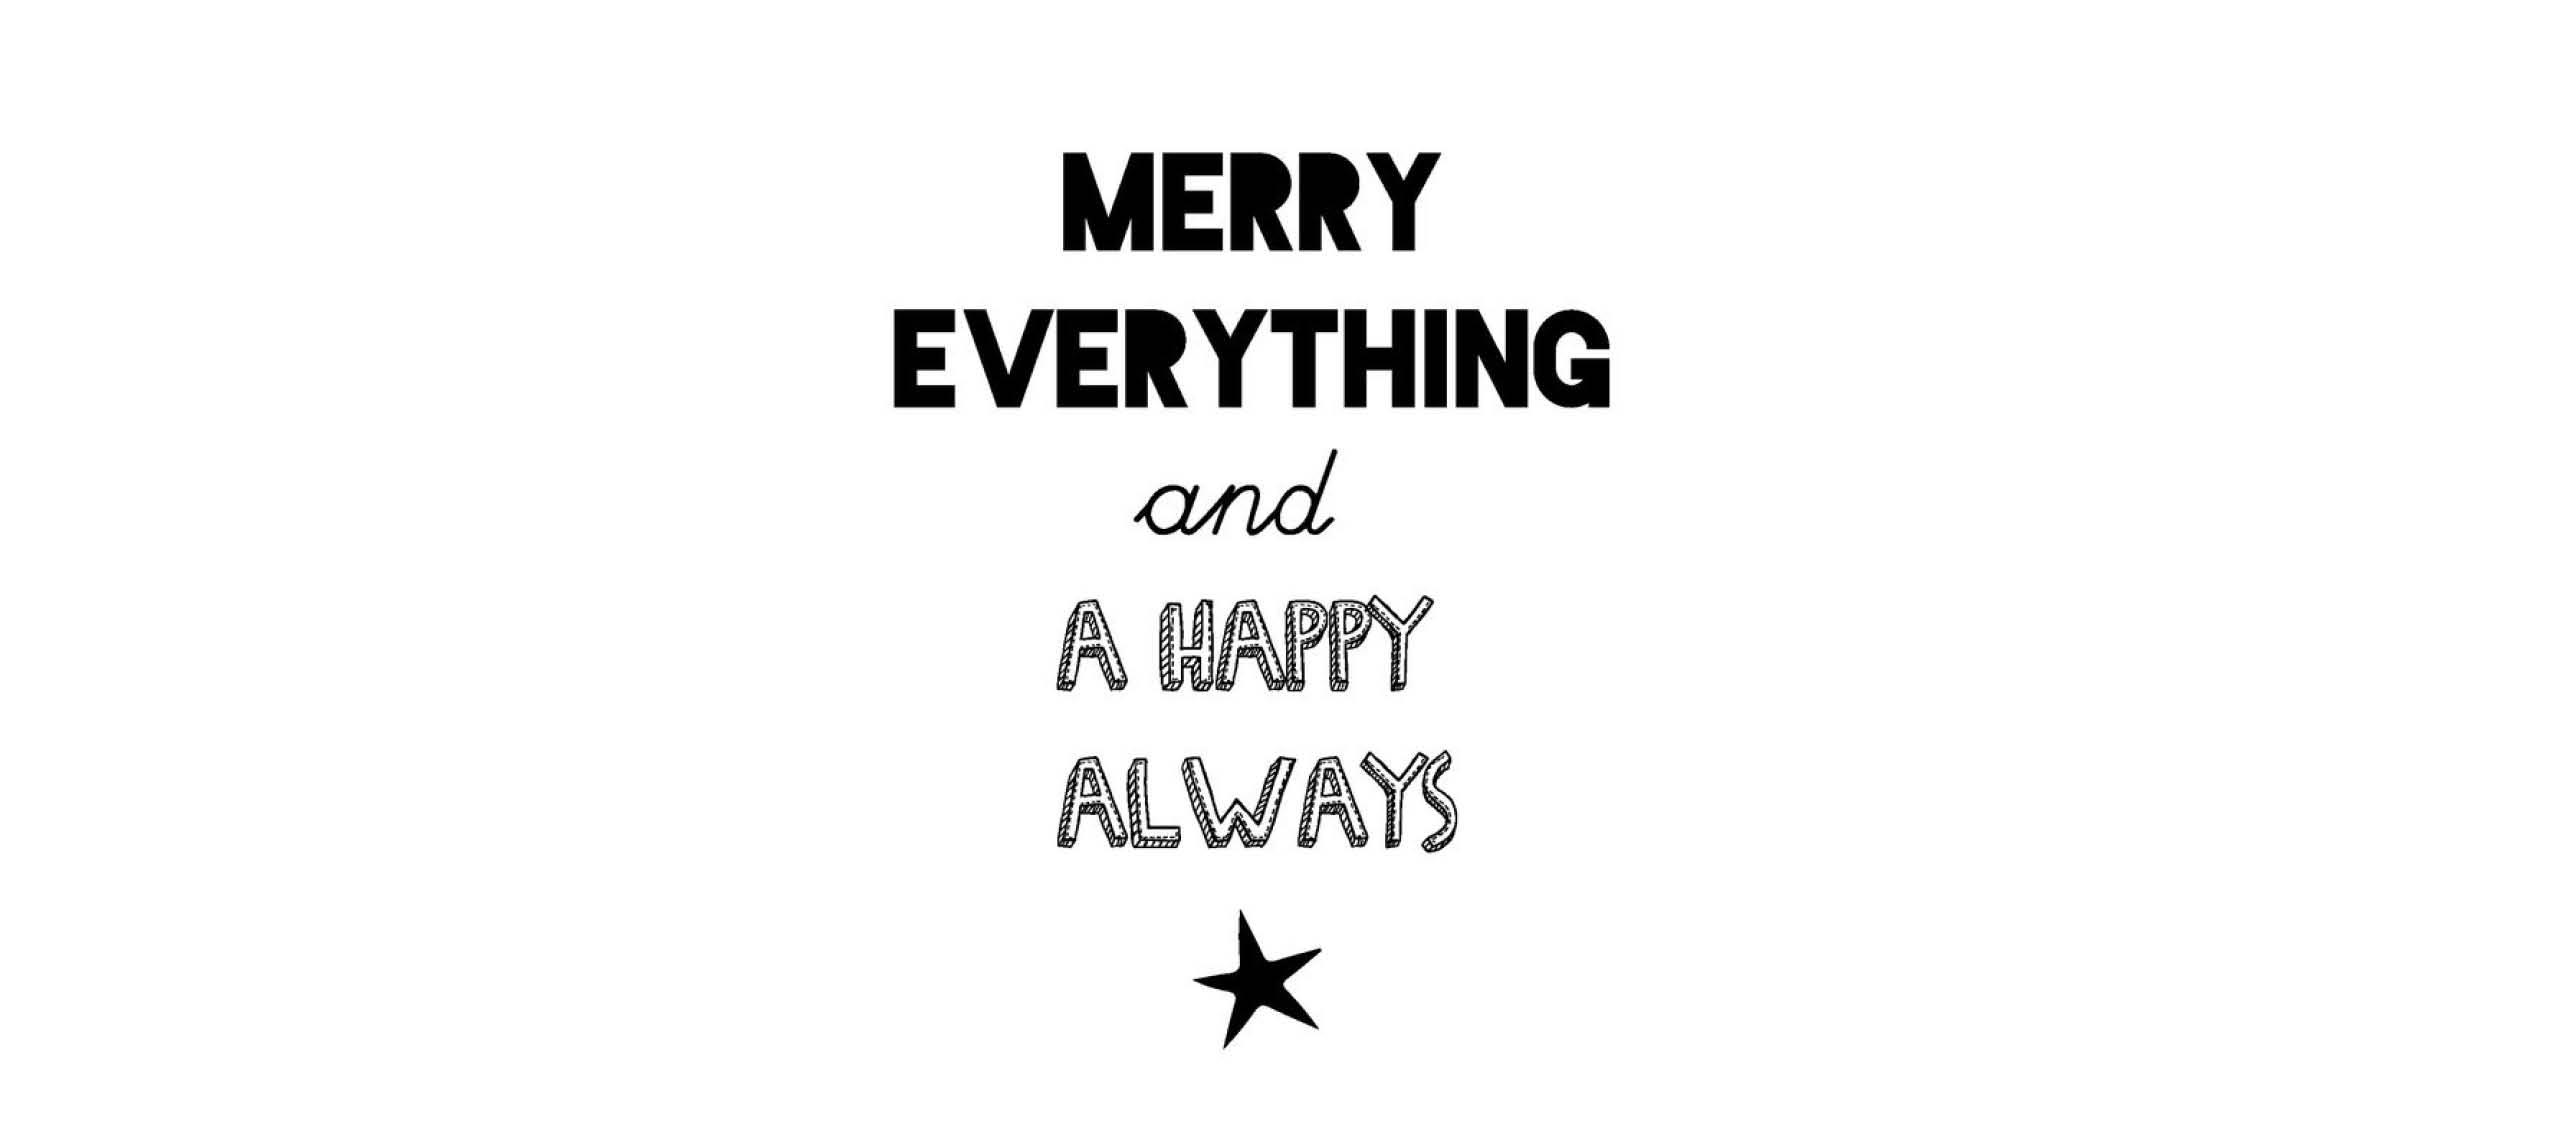 ILH, kerstboodschap, MERRY X-MAS